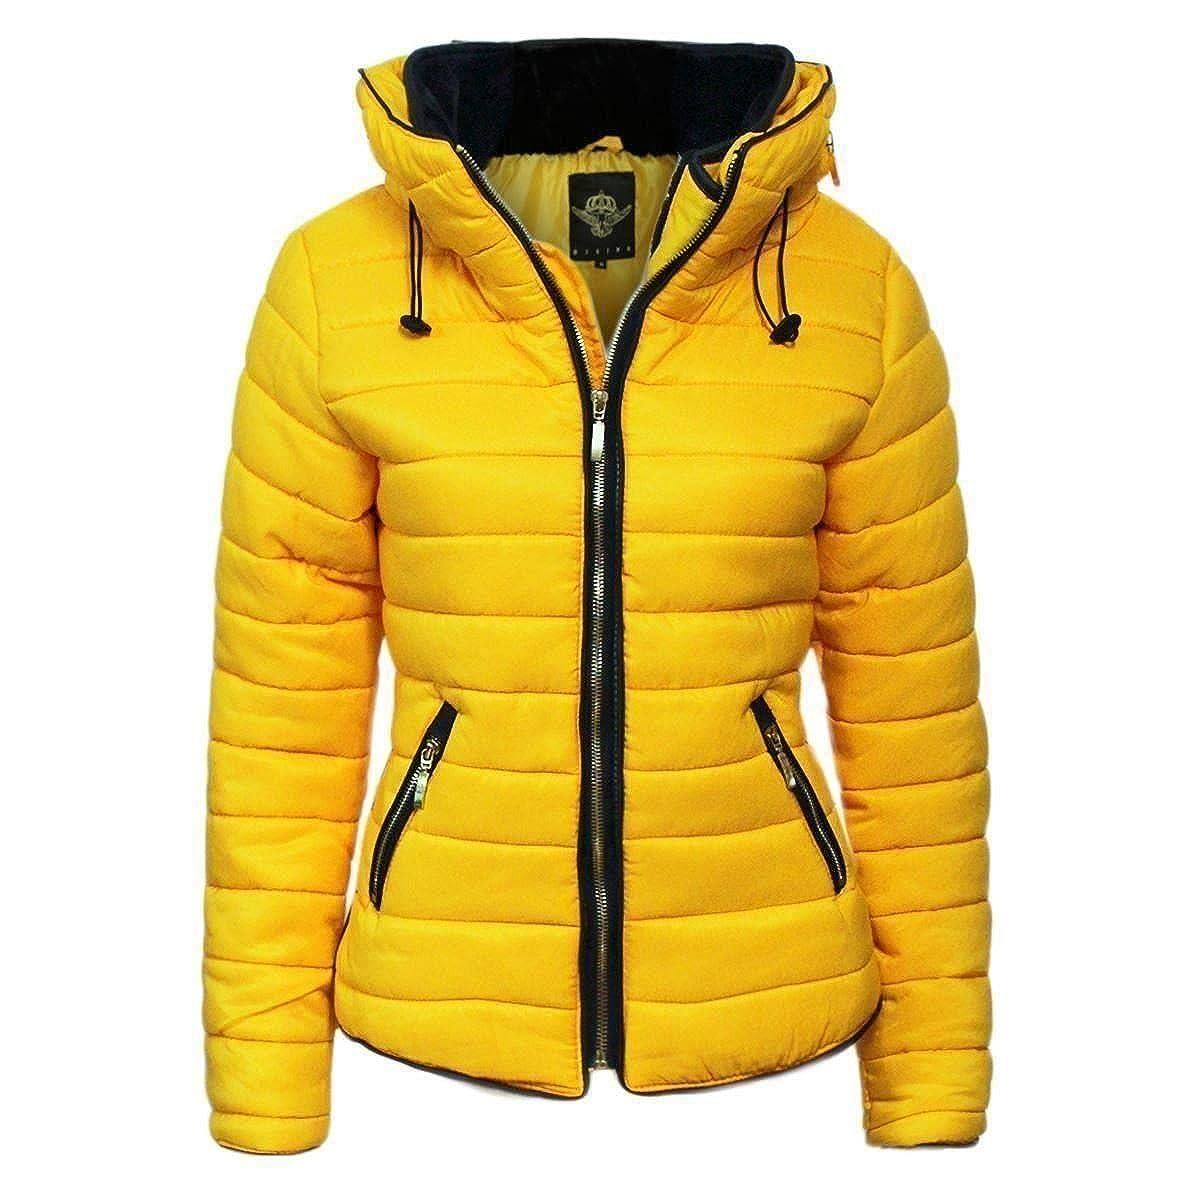 Zara women's bubble jacket